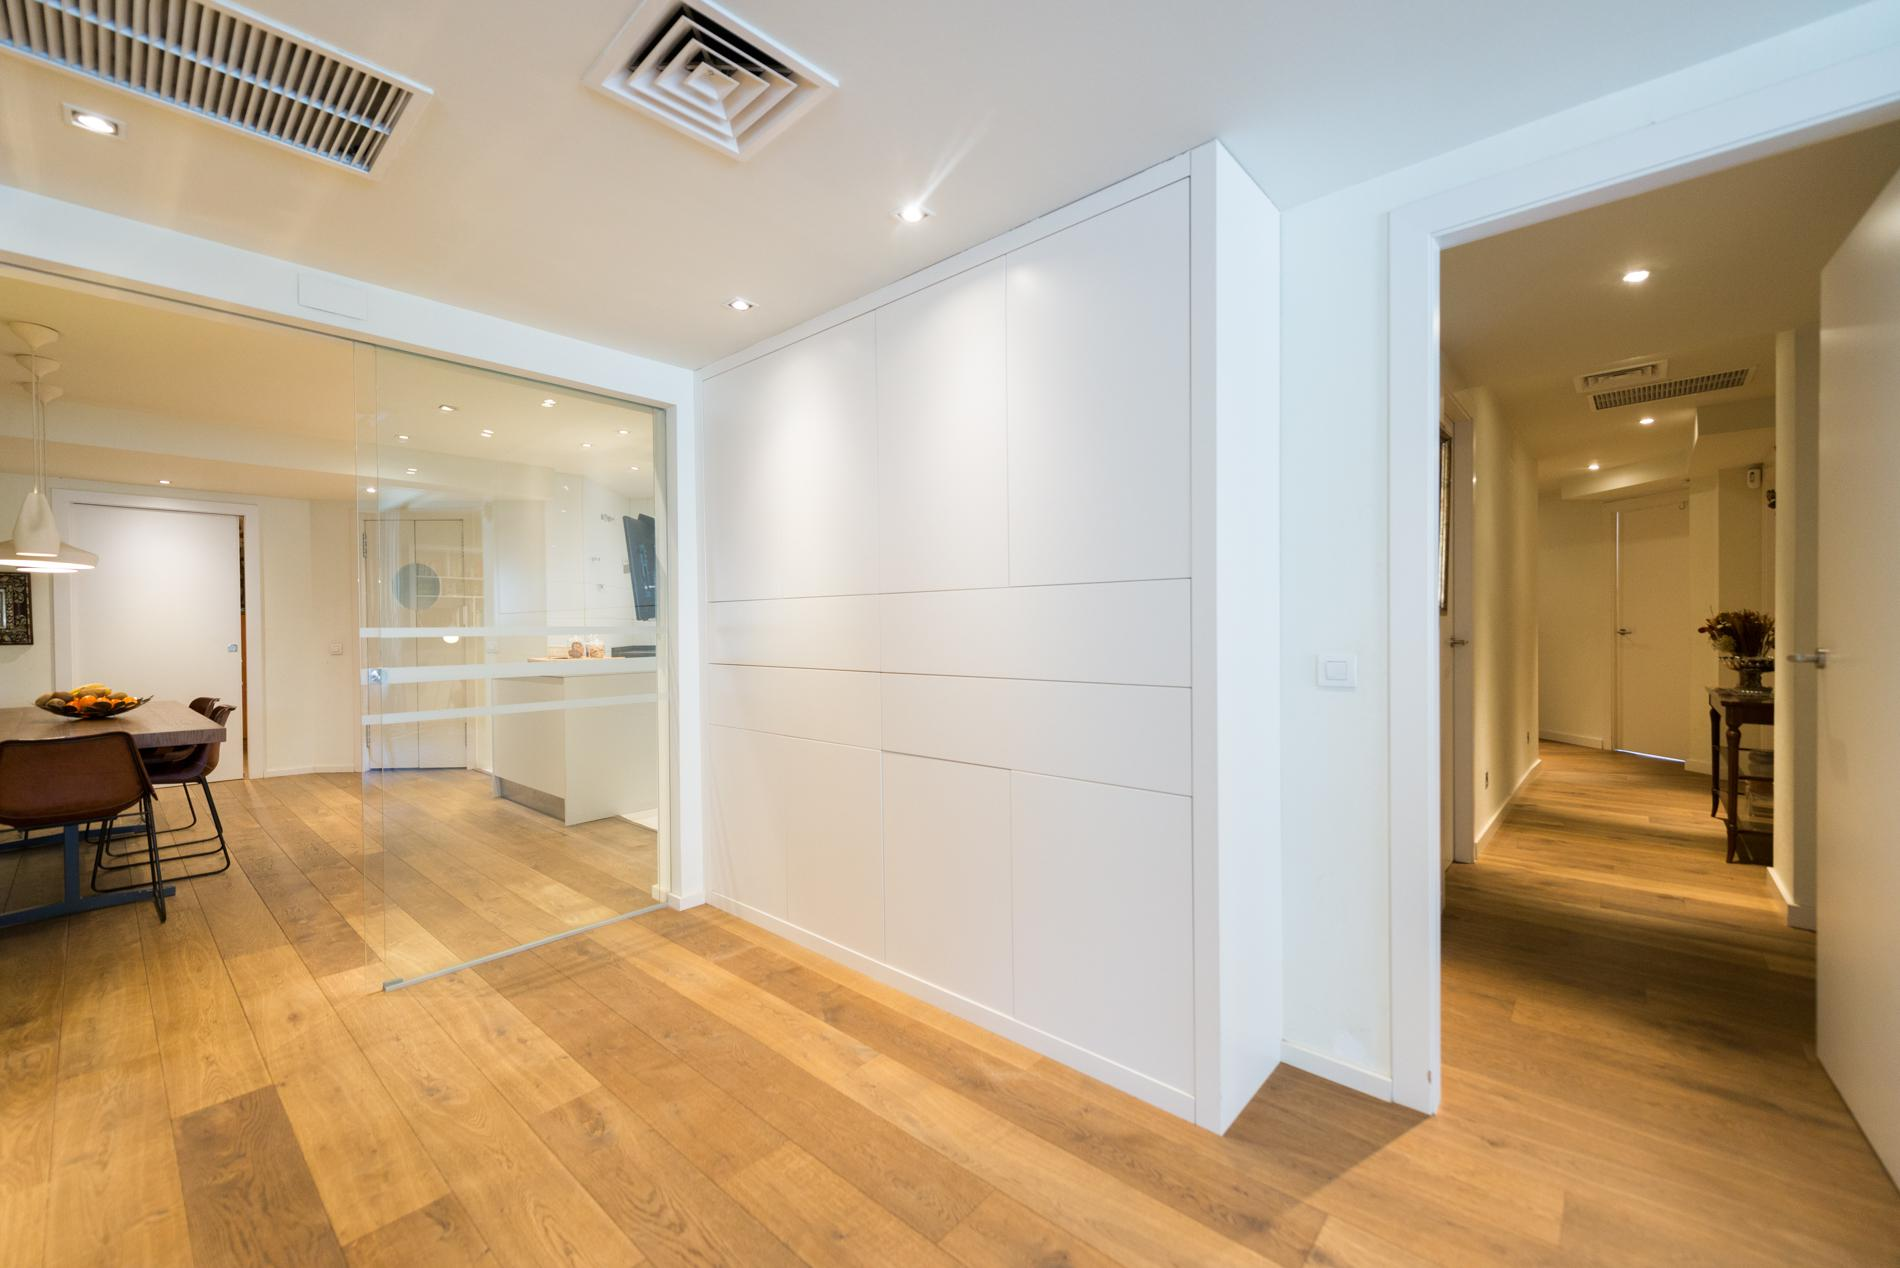 222426 Apartment for sale in Eixample, Dreta Eixample 15